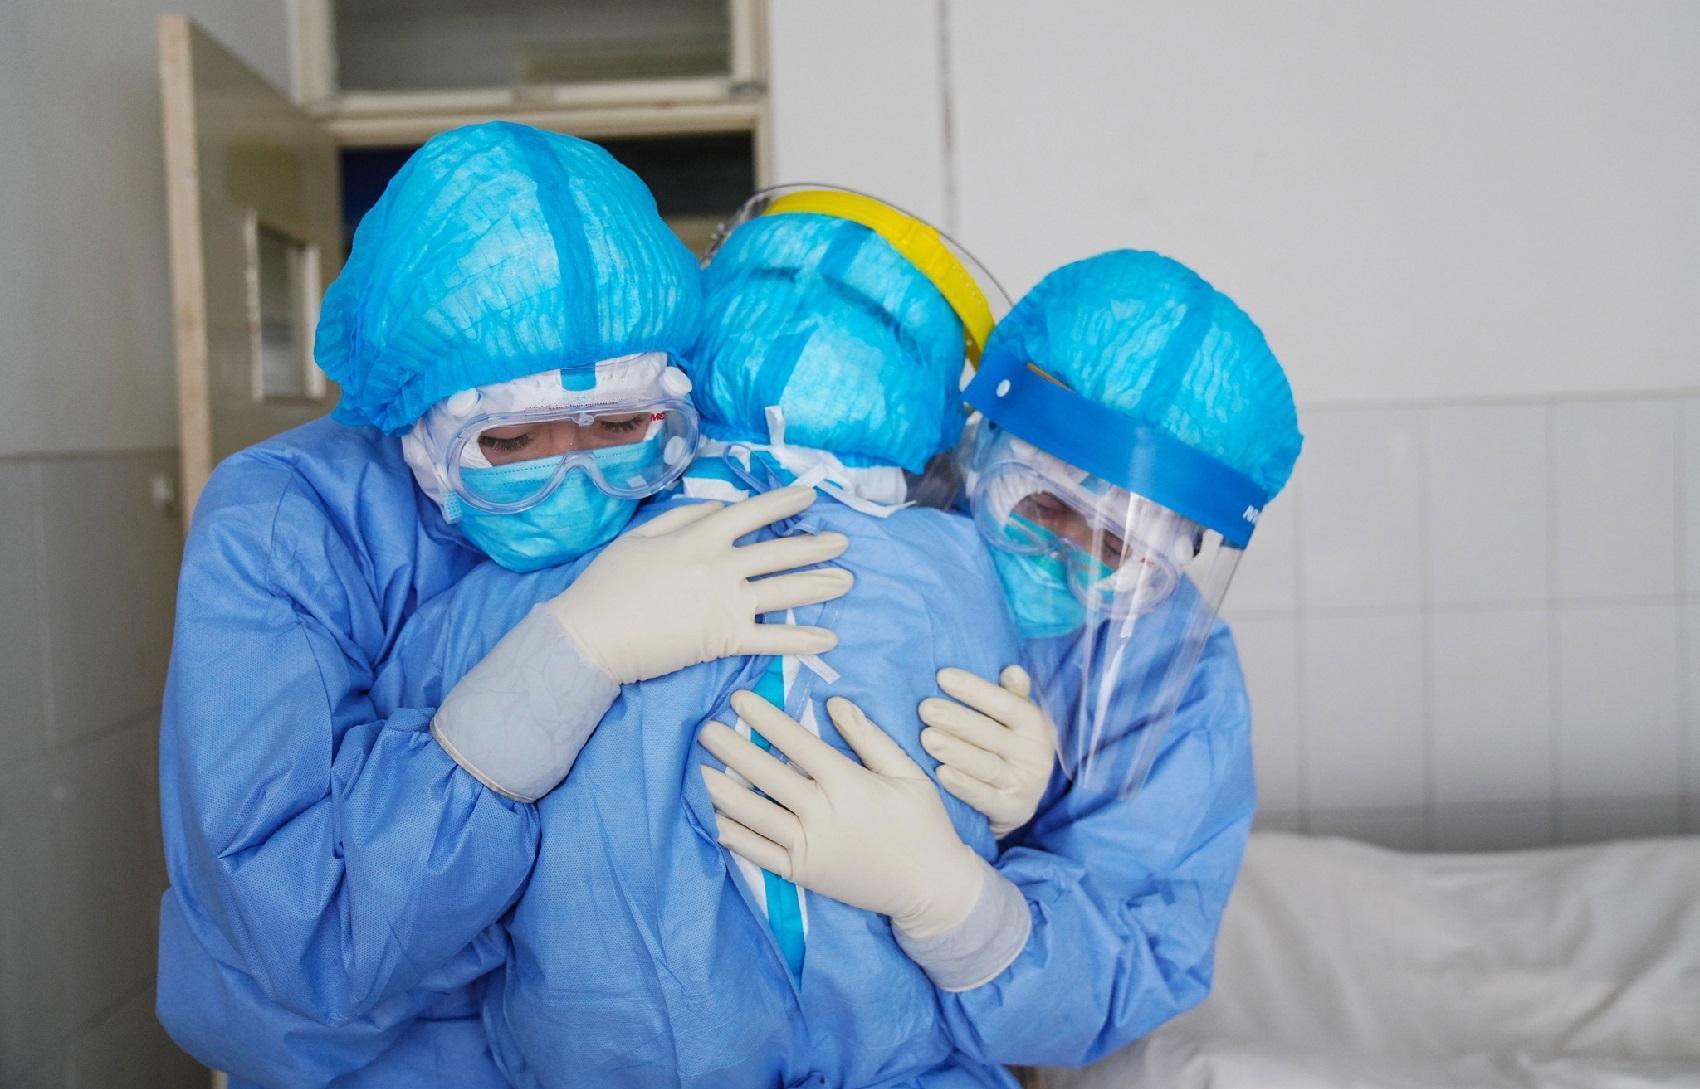 Еще 76 зараженных коронавирусом выявлены в Тверской области - новости Афанасий